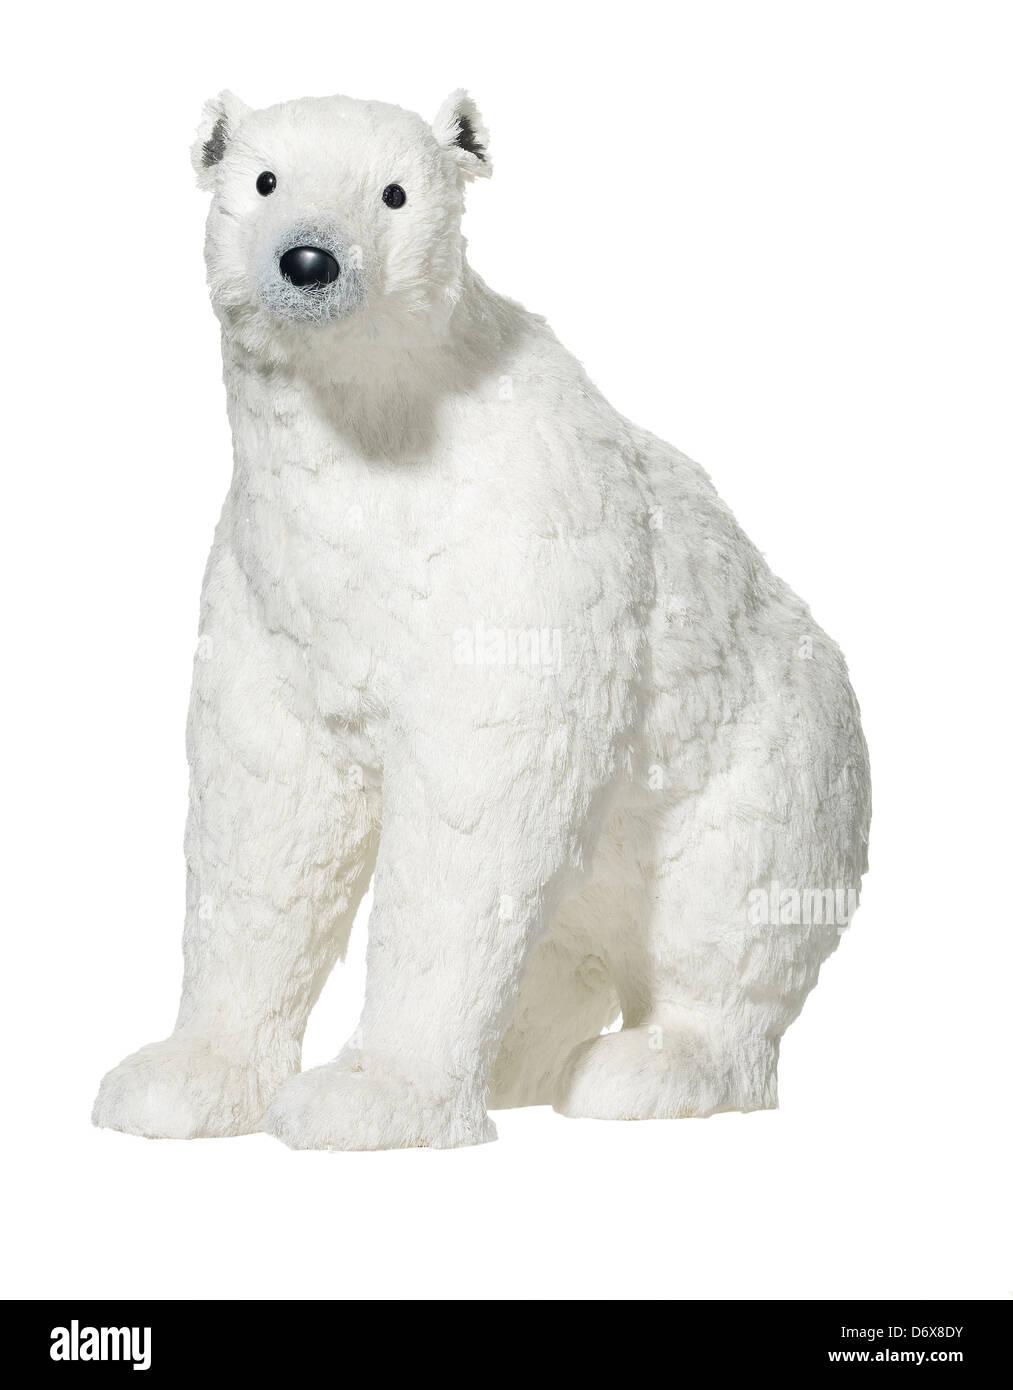 Xmas Tree Decorations White Polar Bear Stock Photo 55896455